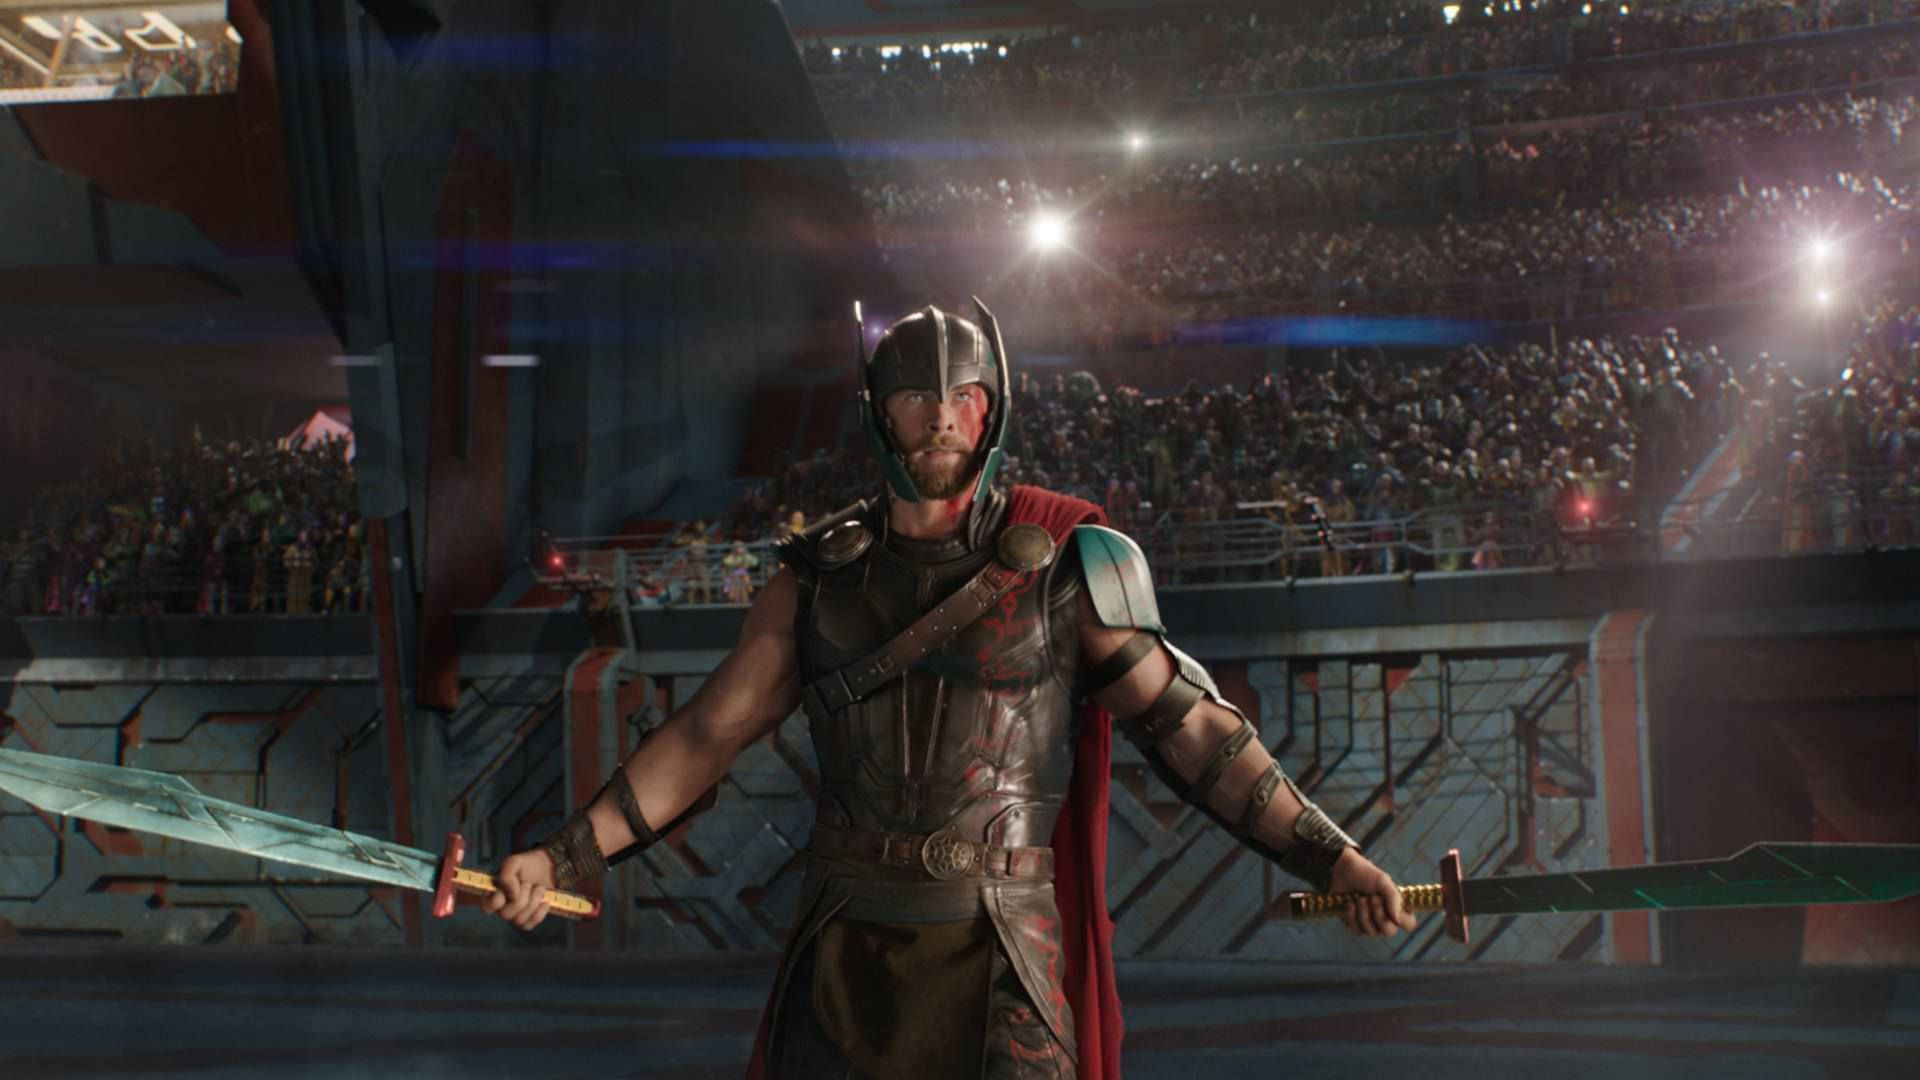 کریس همسورث زمان شروع فیلمبرداری فیلم Thor: Love and Thunder را تایید کرد 1